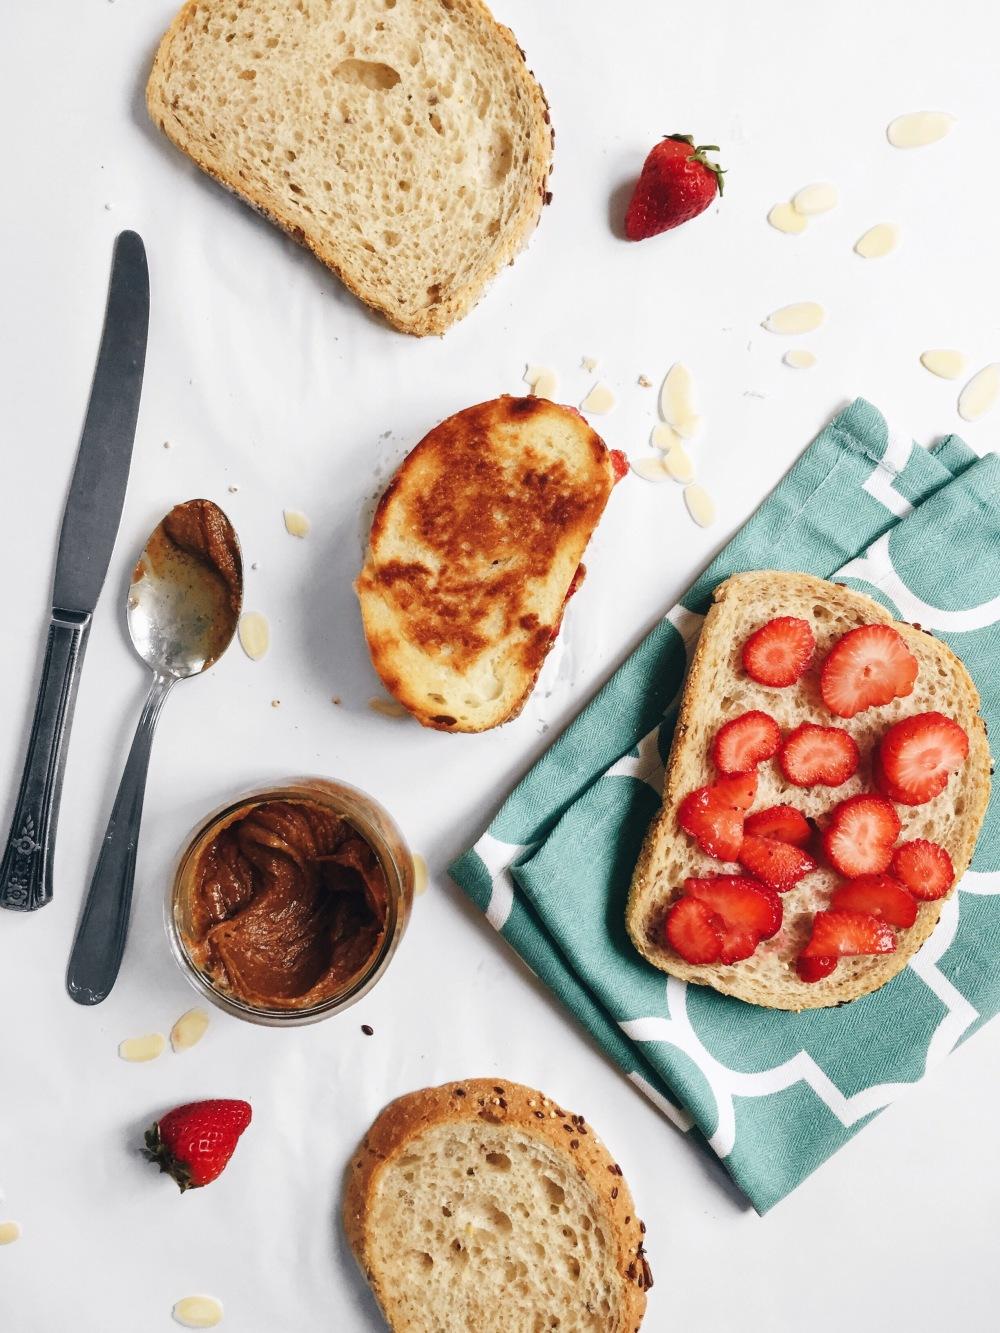 Sandwich grillé végane aux fraises, au beurre d'amande et au sirop d'érable